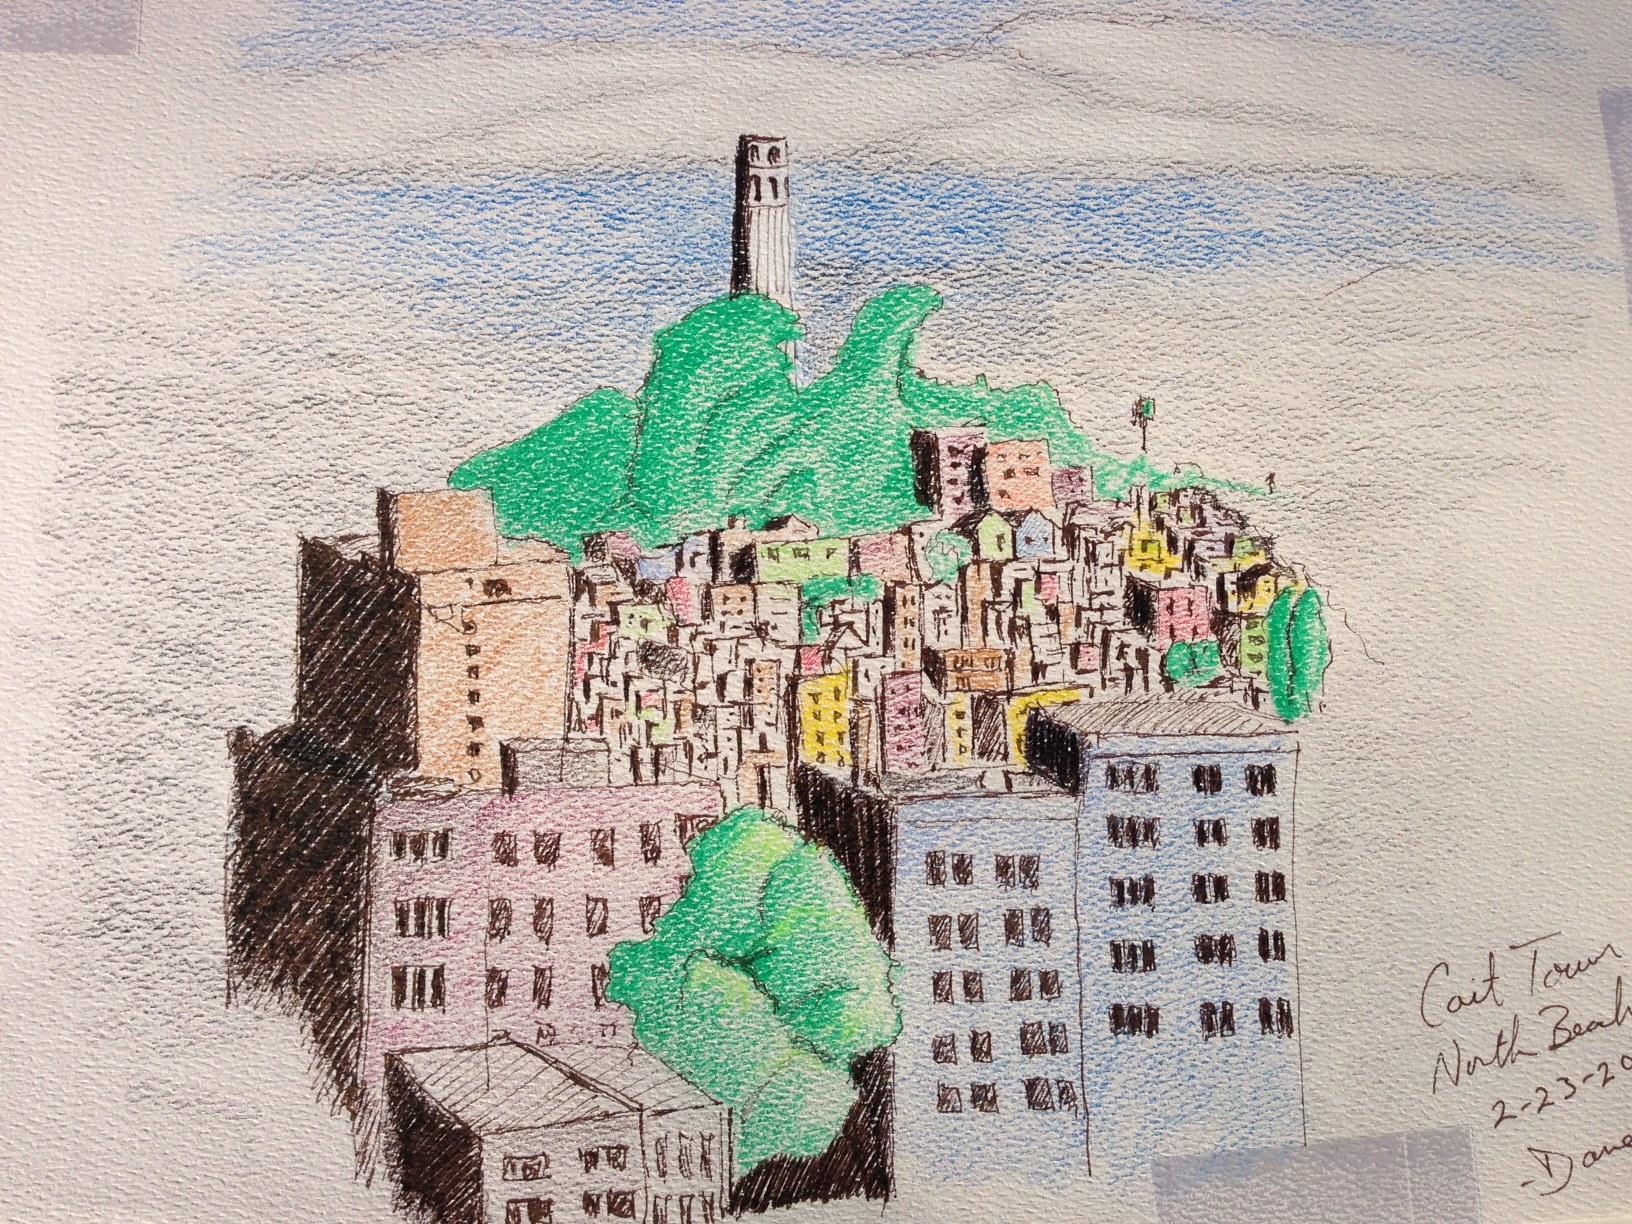 Coit Tower North Beach SF, CA